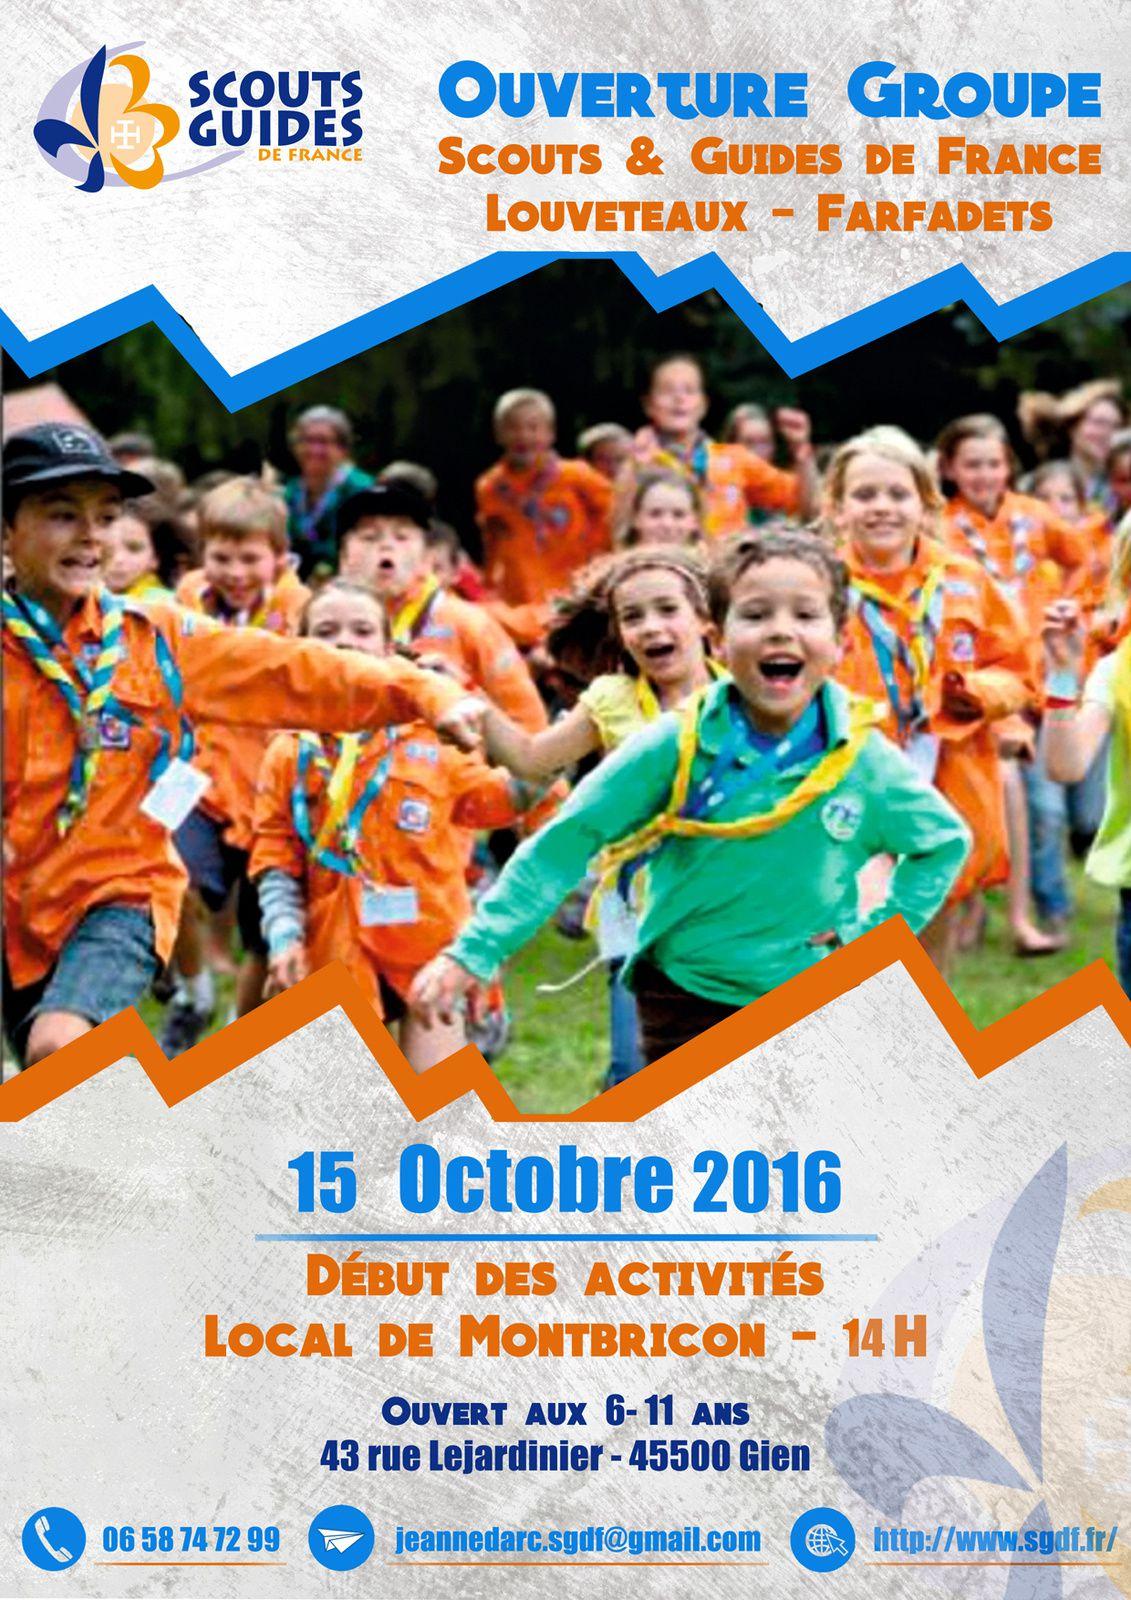 Samedi 15 octobre : Première rencontre des scouts de France 6-11 ans sur Gien